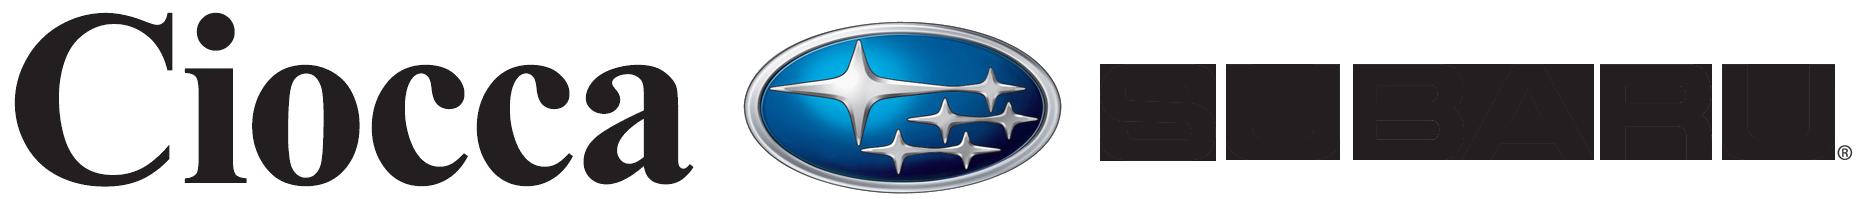 Ciocca Subaru logo